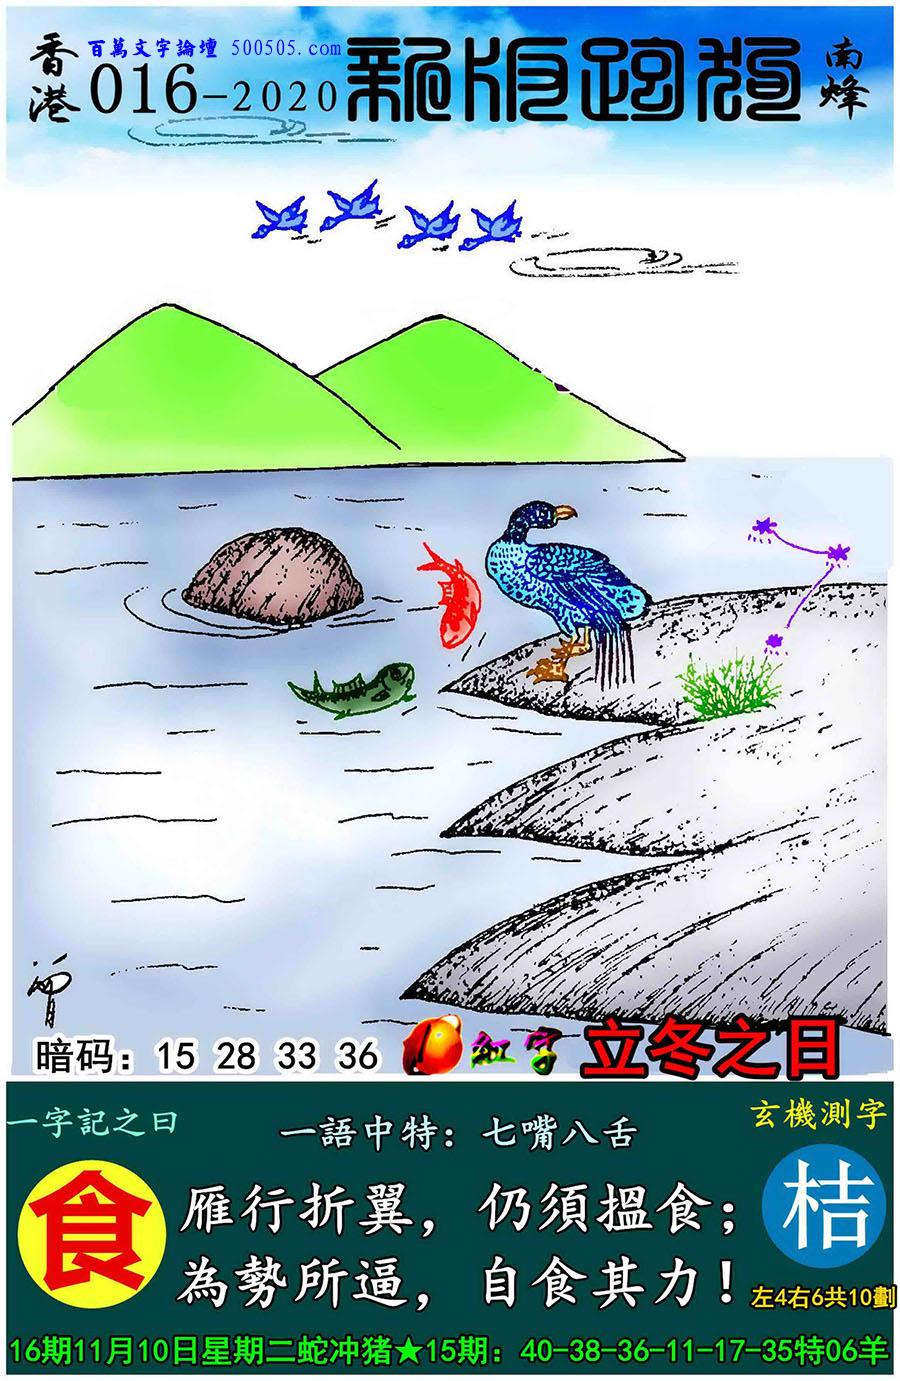 016期跑狗一字�之曰:【食】_雁行折翼,仍���食;_��菟�逼,自食其力!